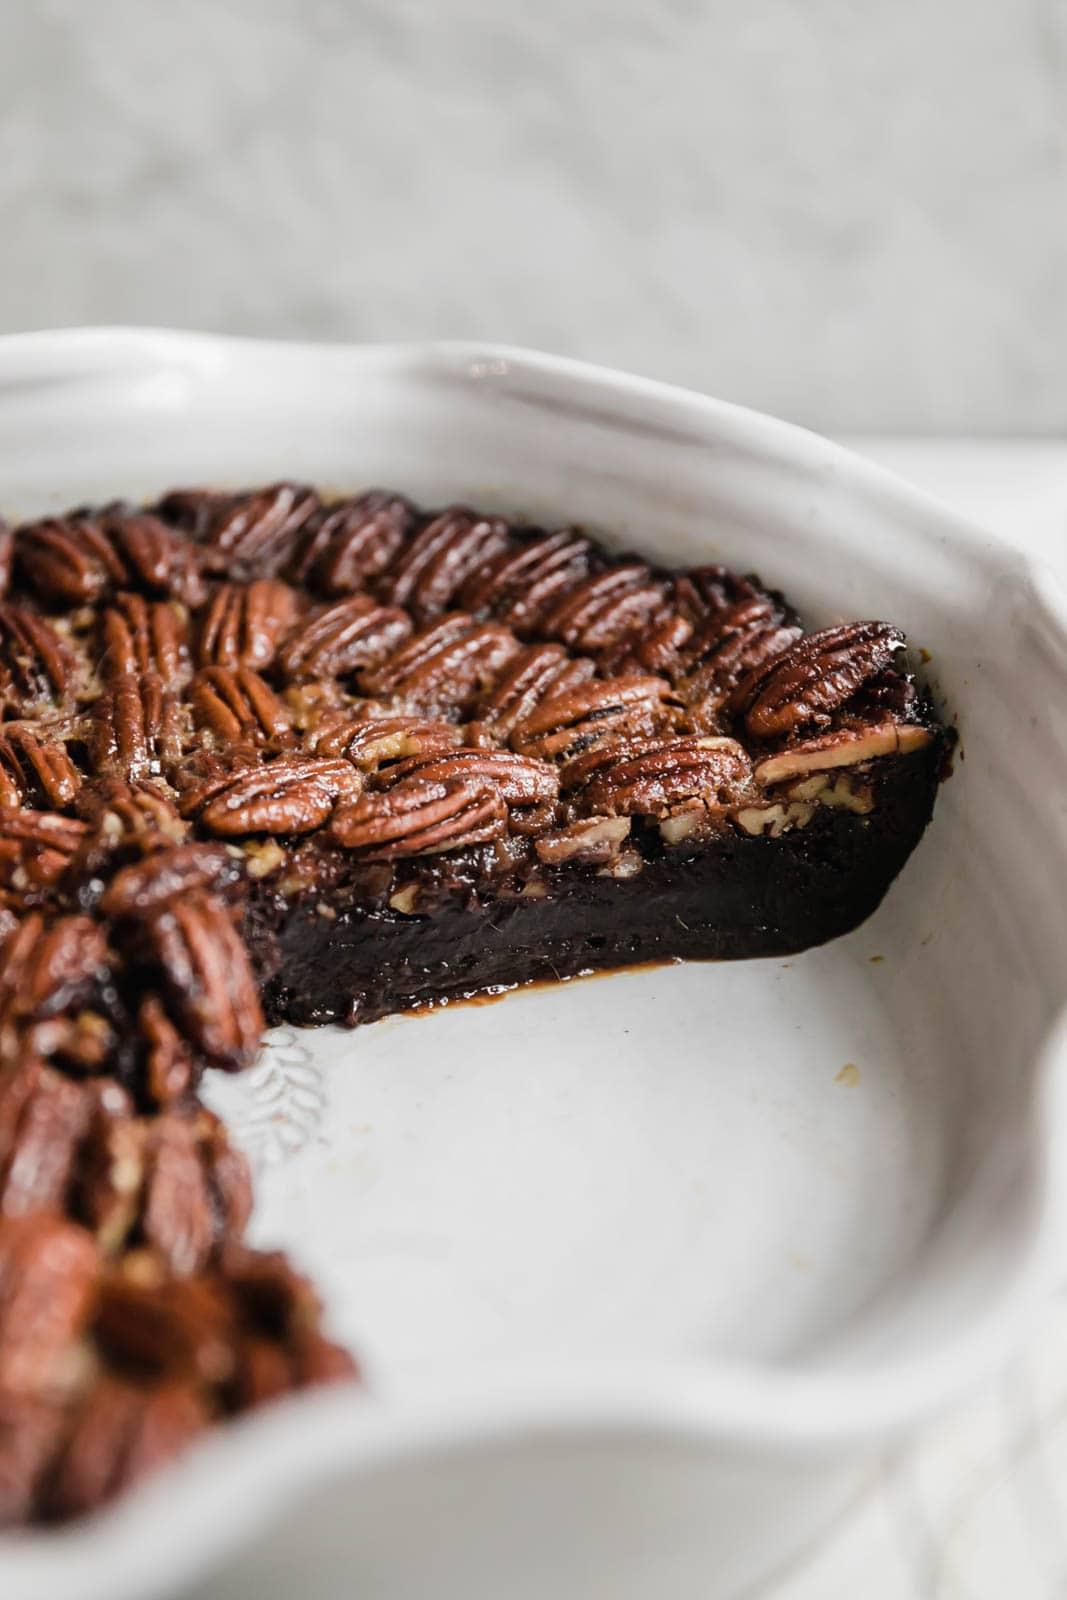 Brownie Pecan Pie sliced